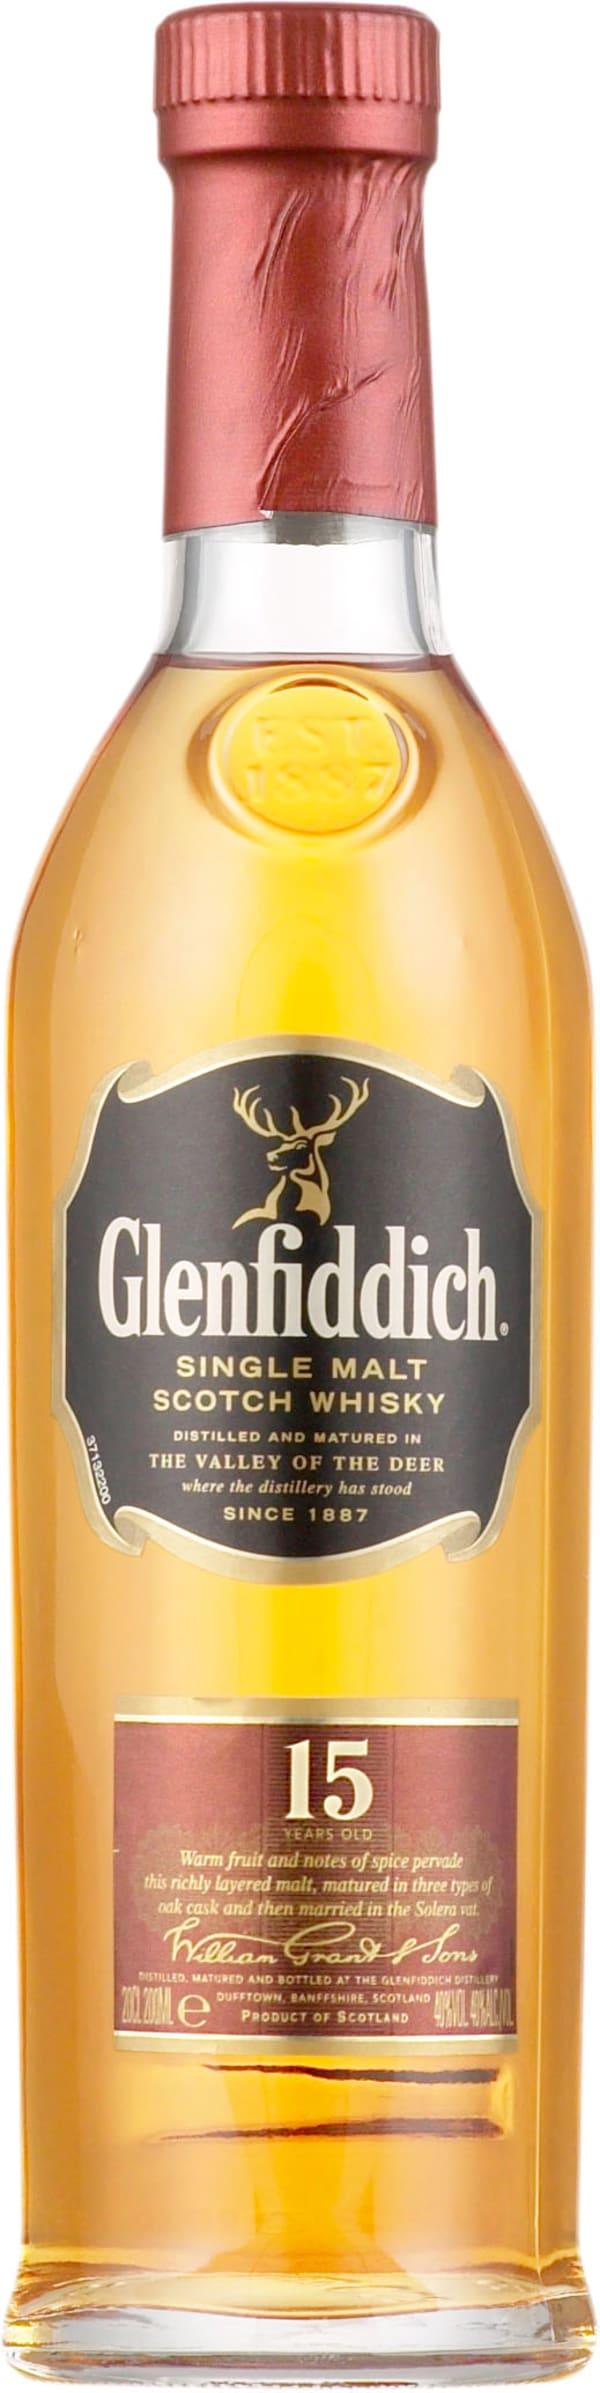 Glenfiddich 15 Year Old Single Malt